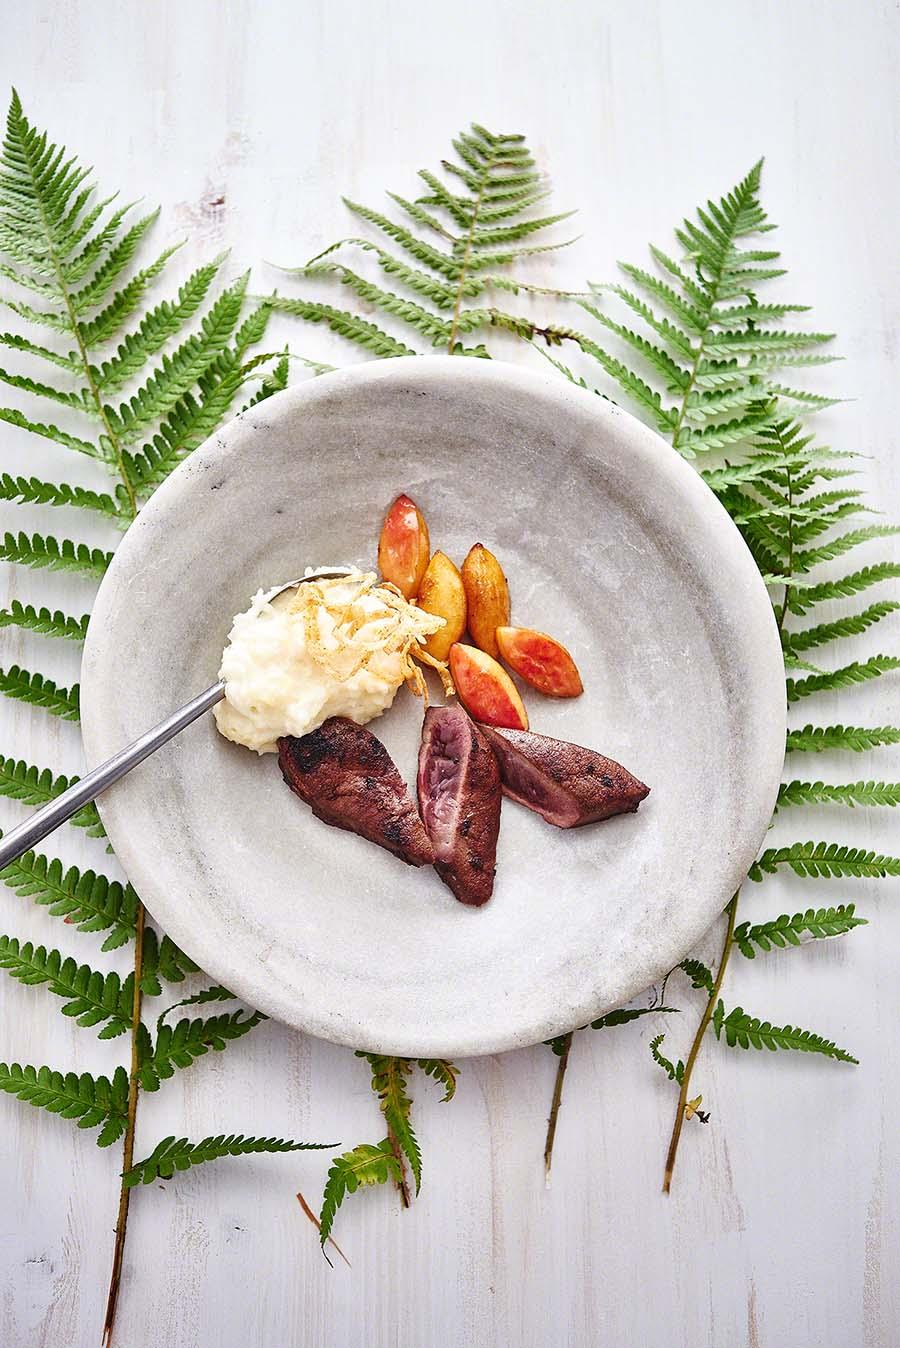 Rehleber - Foodfotografie für das Kochbuch WILD von Harald und Maximilian Rüssel